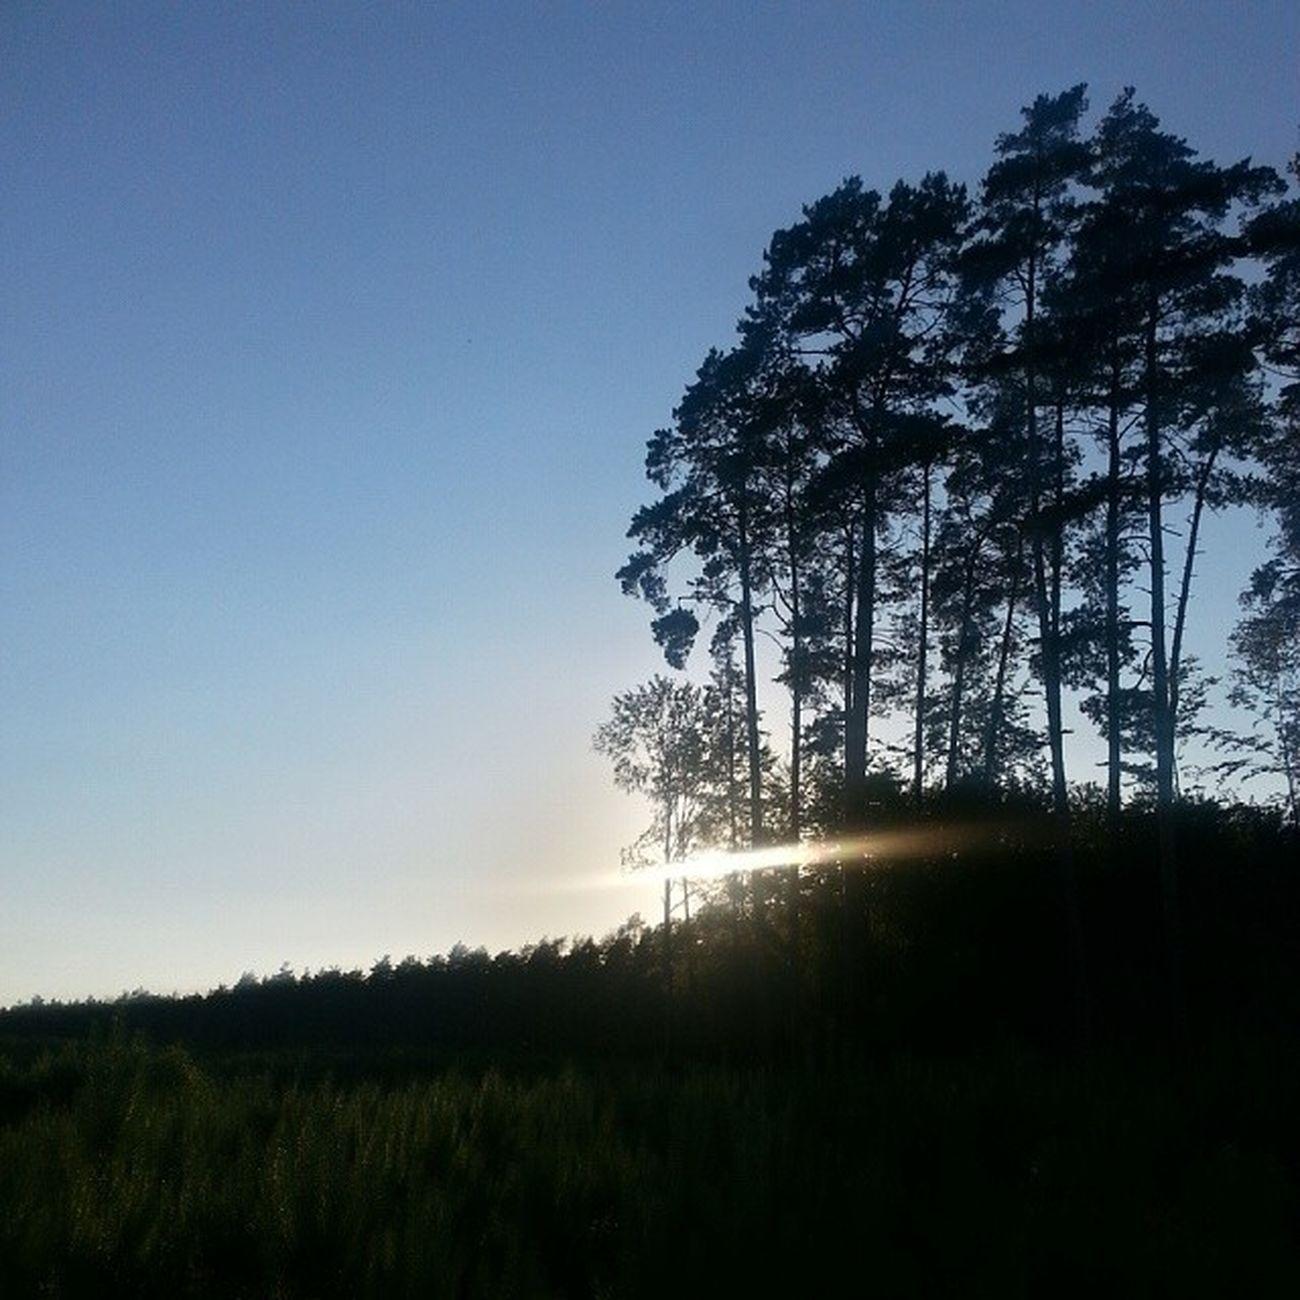 Budylancuckie Podkarpacie Poland Polska trip plant treessunsetlandscape view